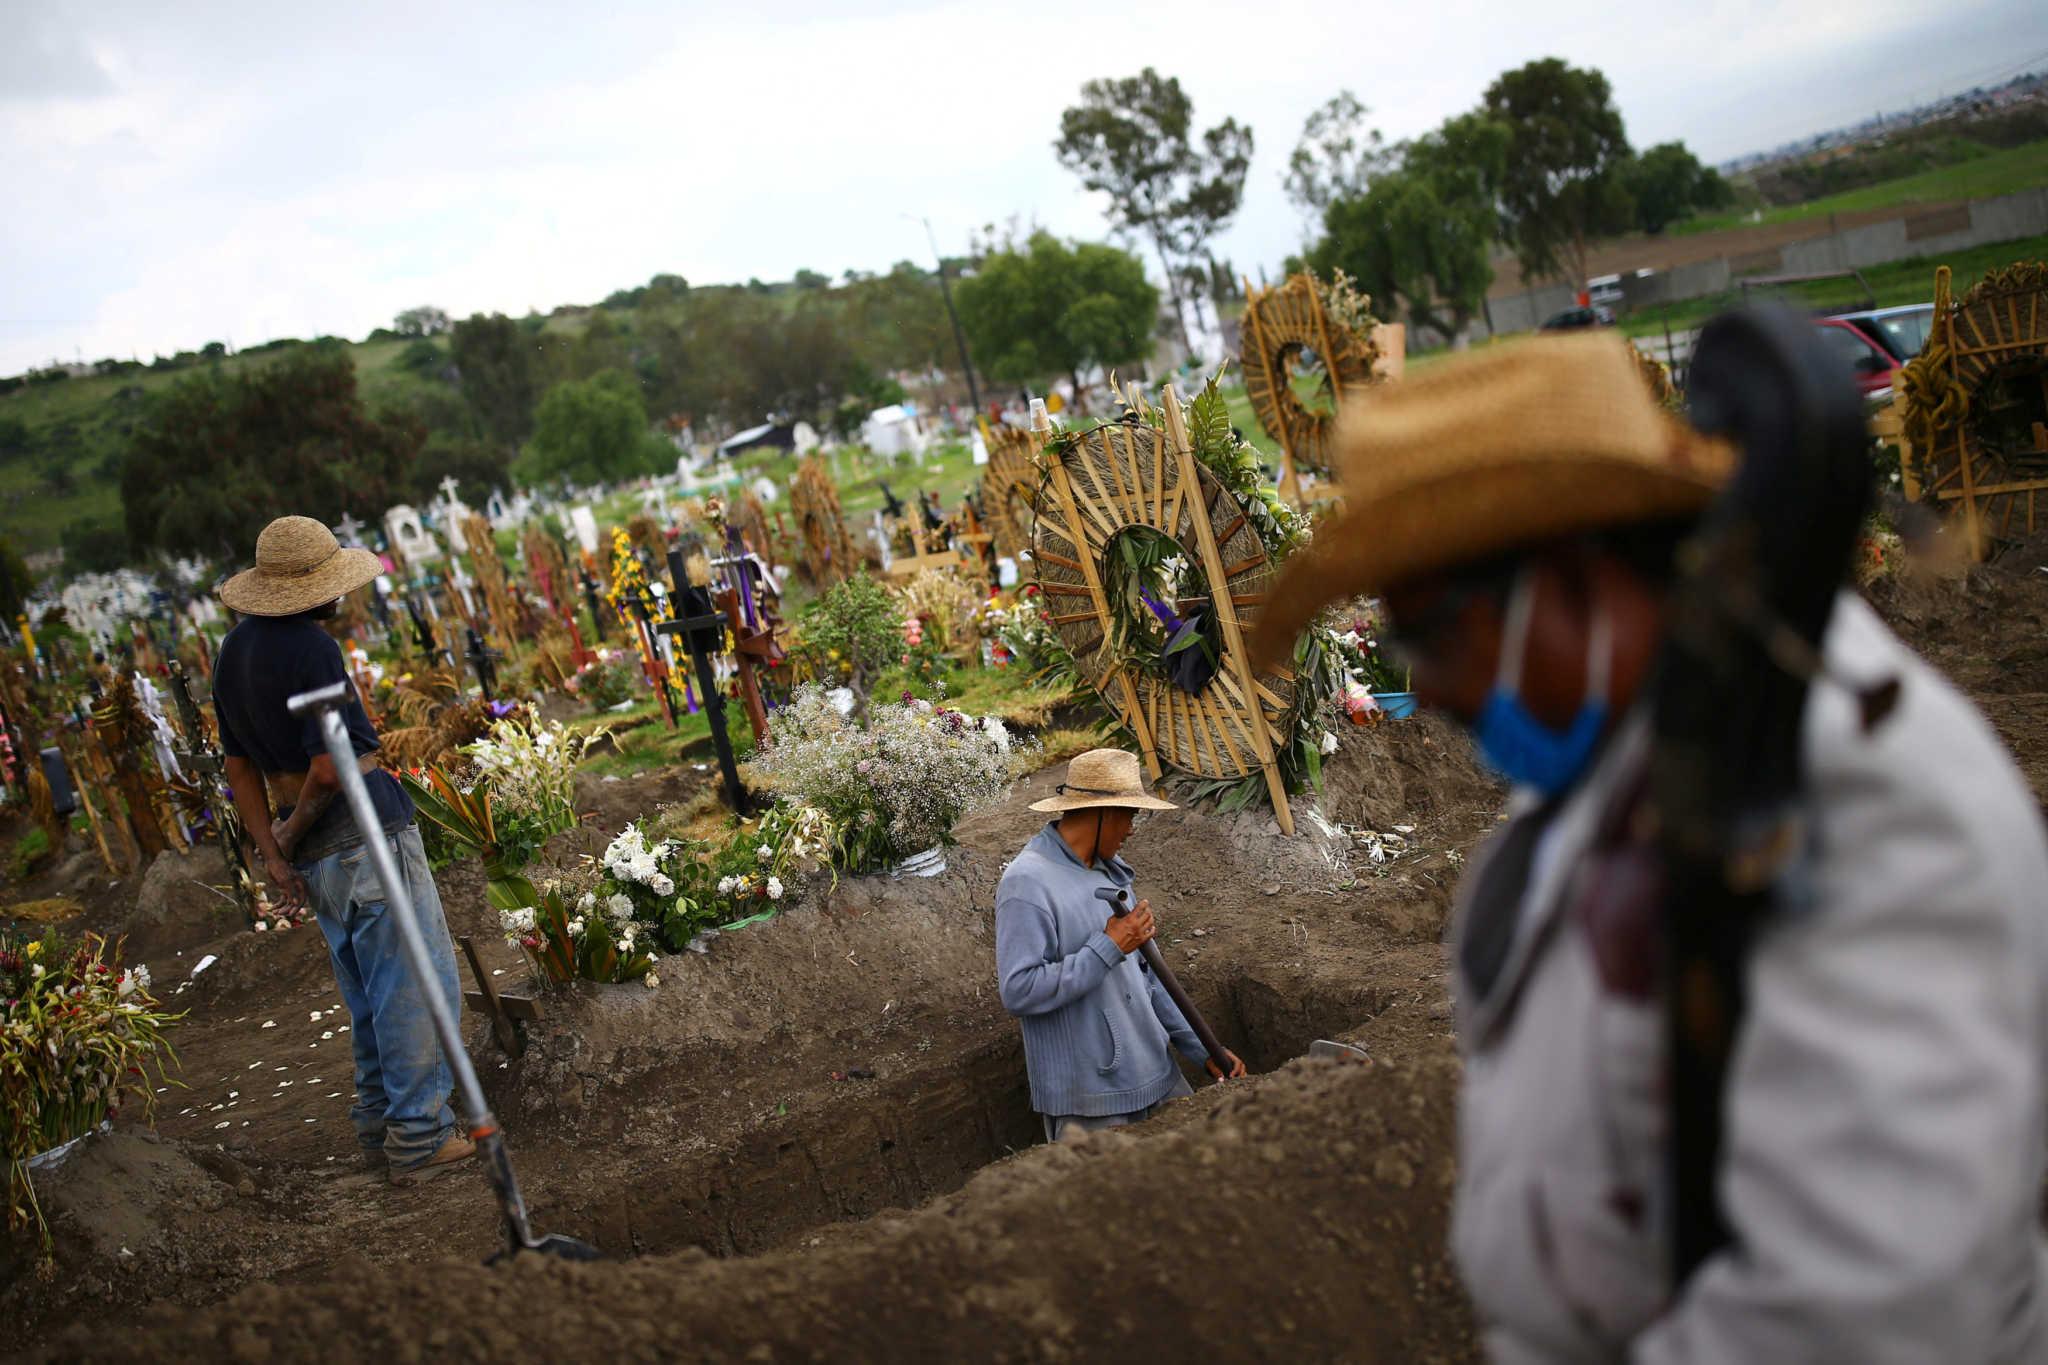 Μεξικό: 4.293 κρούσματα κορονοϊού και 592 νεκροί σε ένα 24ωρο